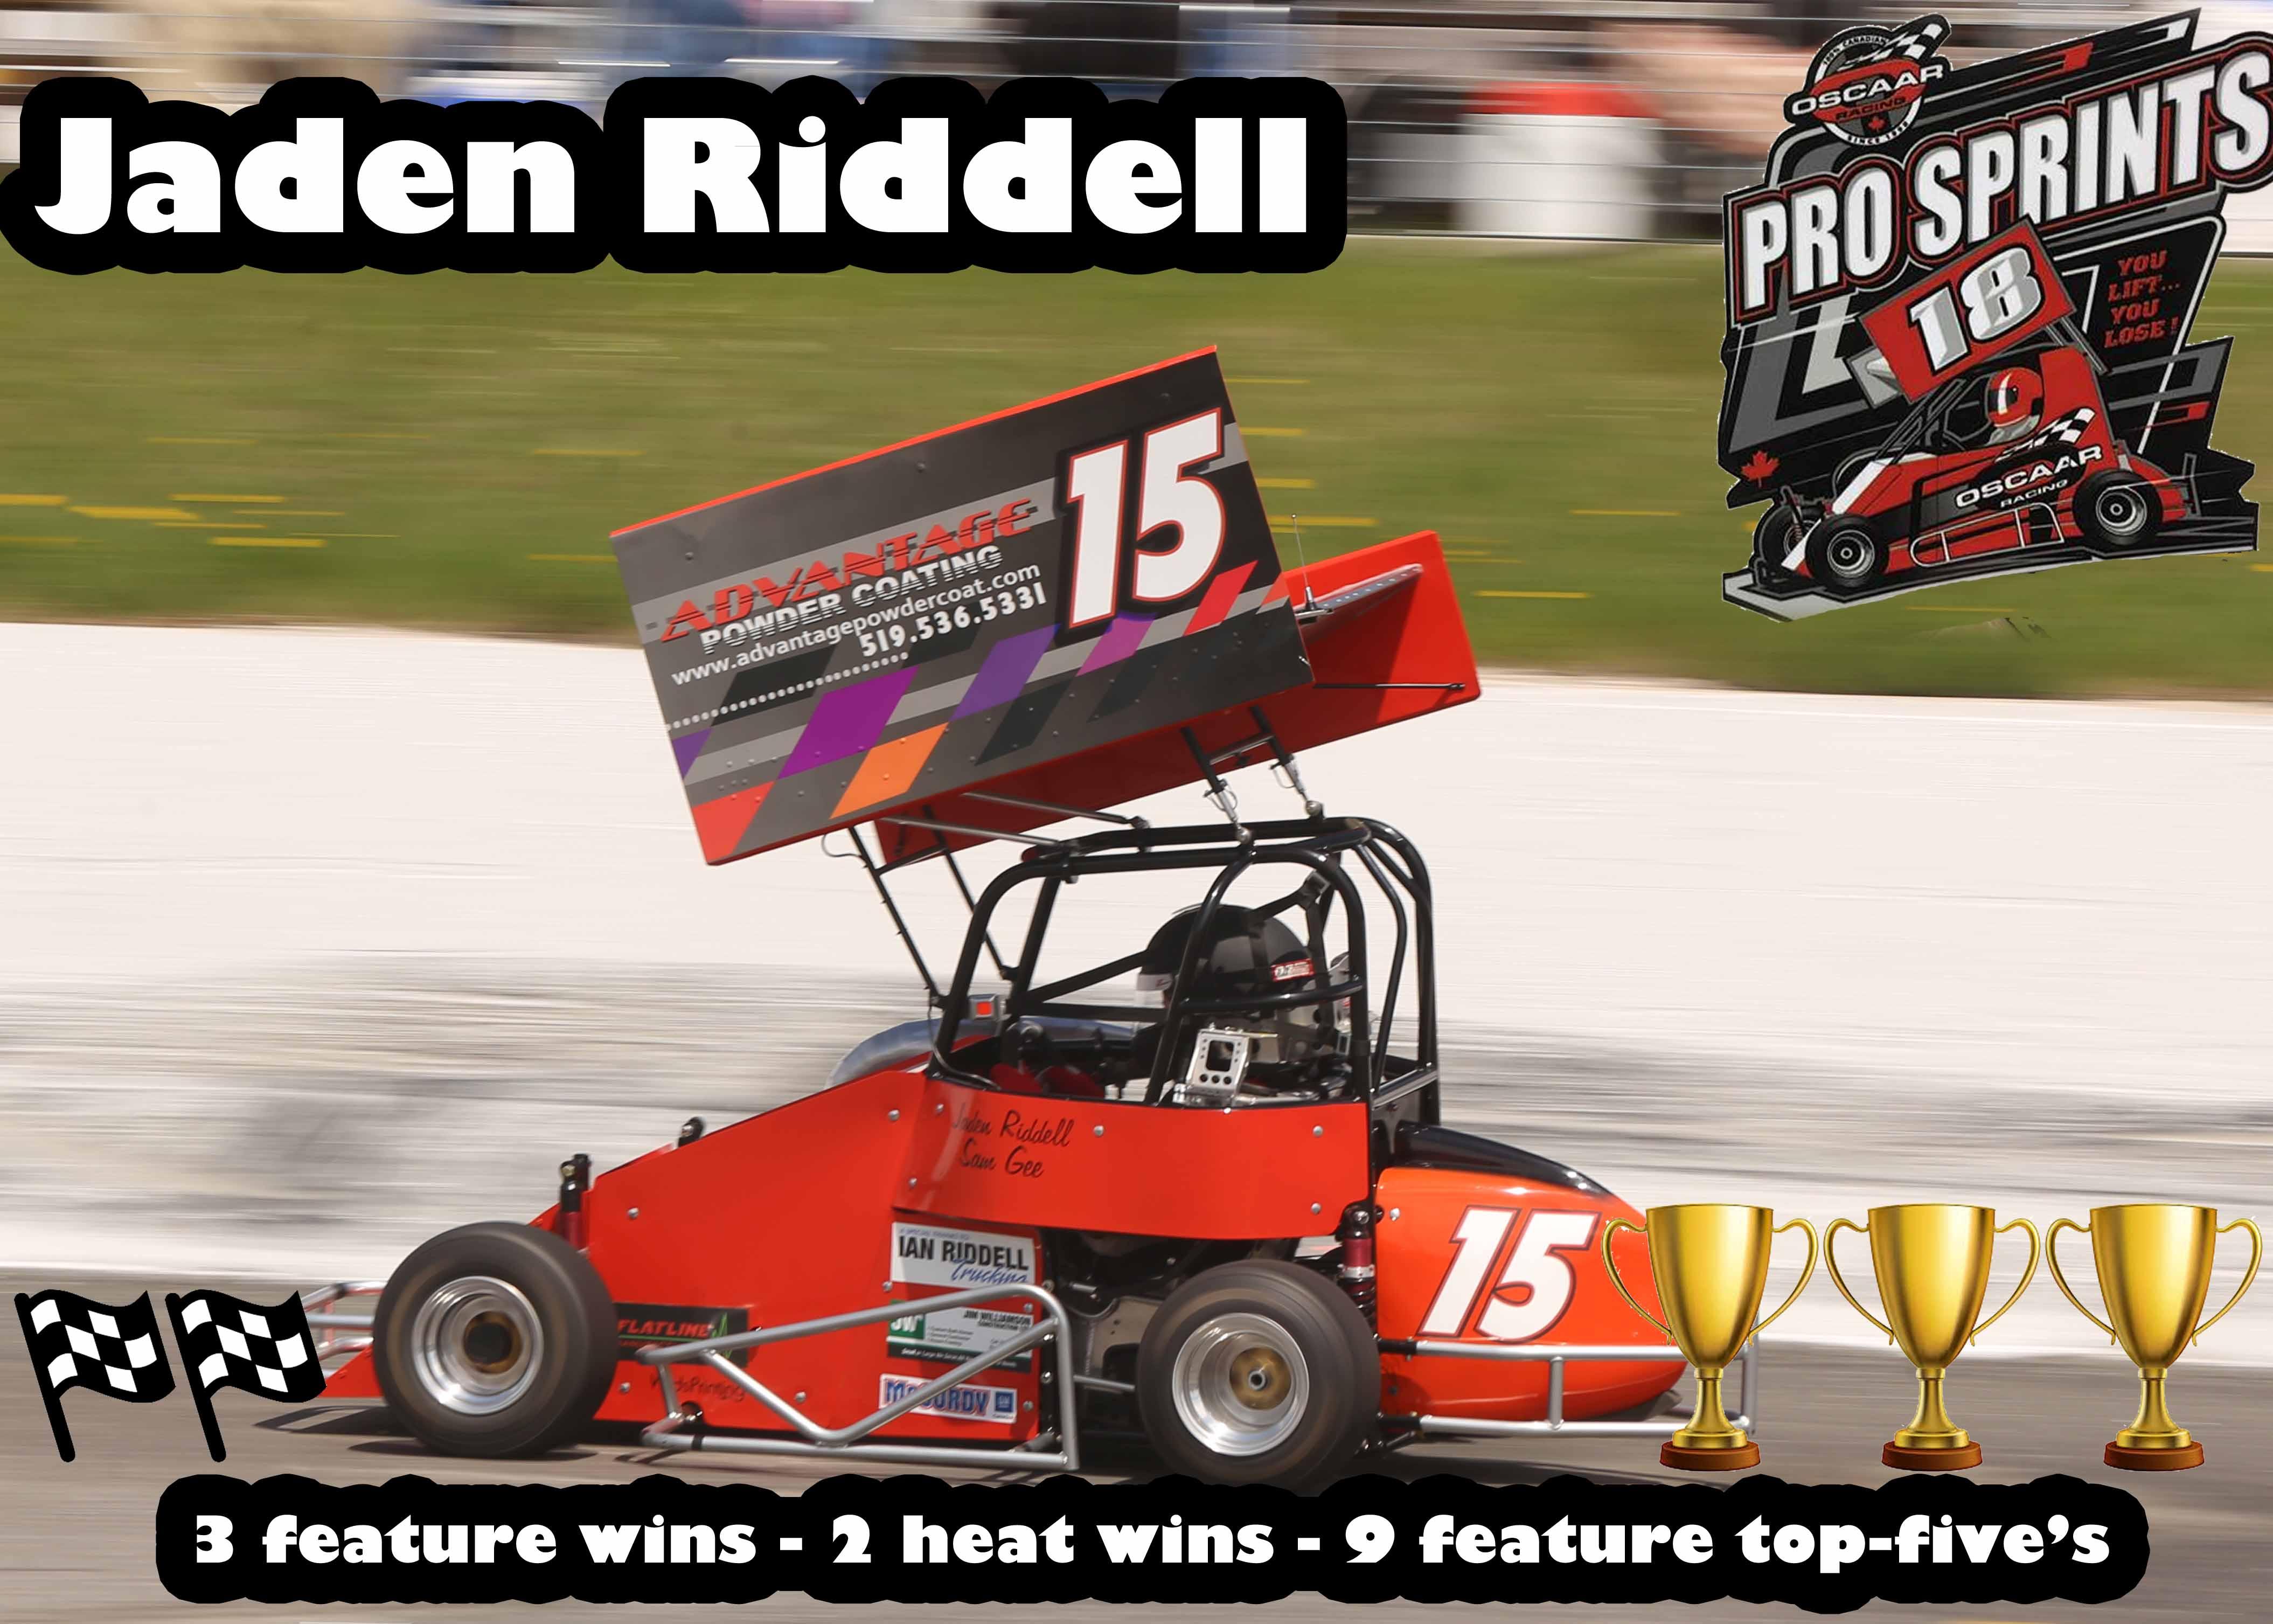 2nd Pro Sprint Jaden Riddel